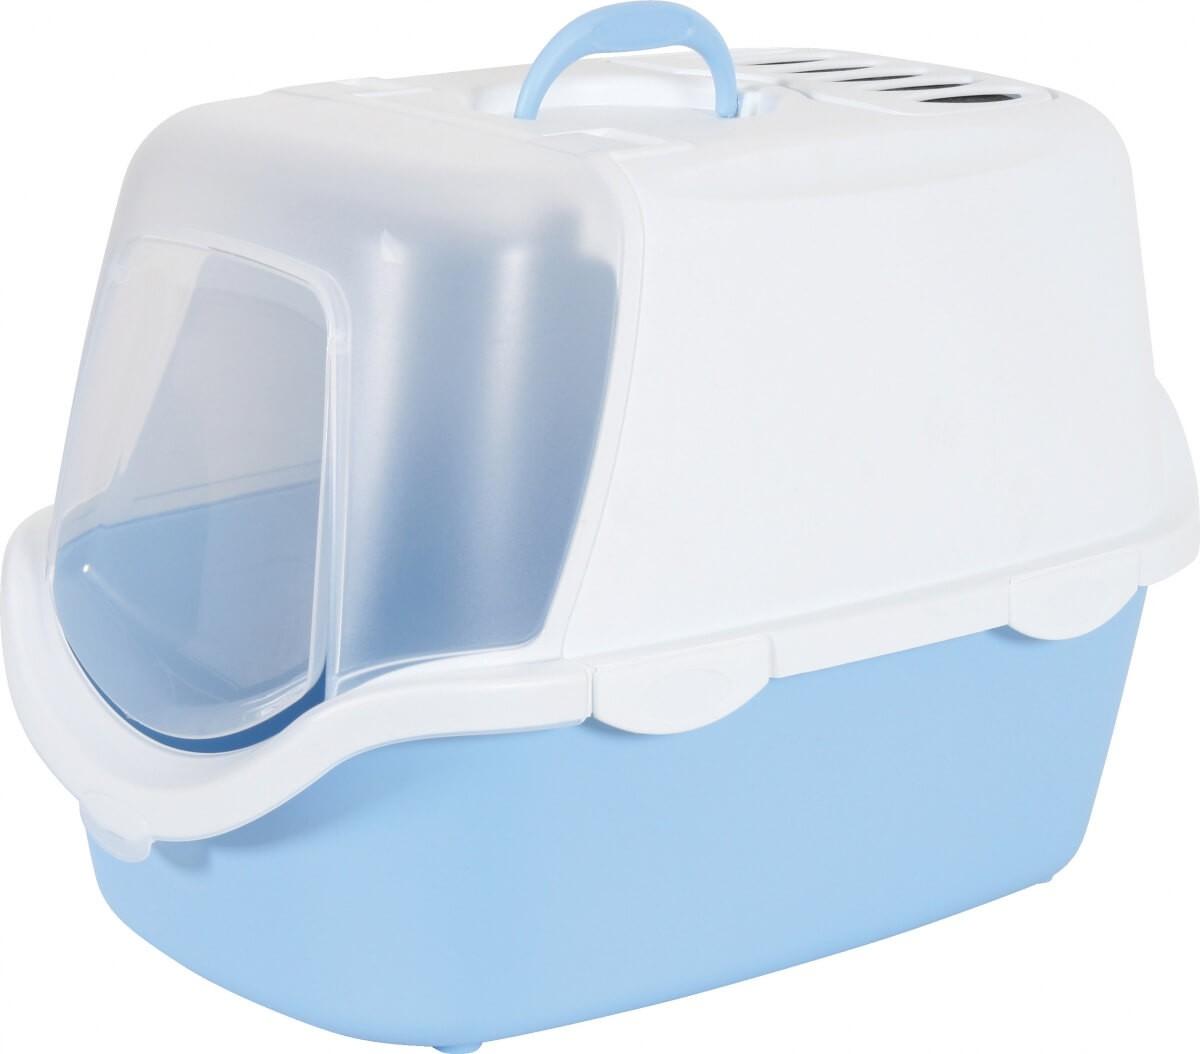 katzentoilette cathy in blau, welche eine einfache  ~ Entsafter Einfache Reinigung